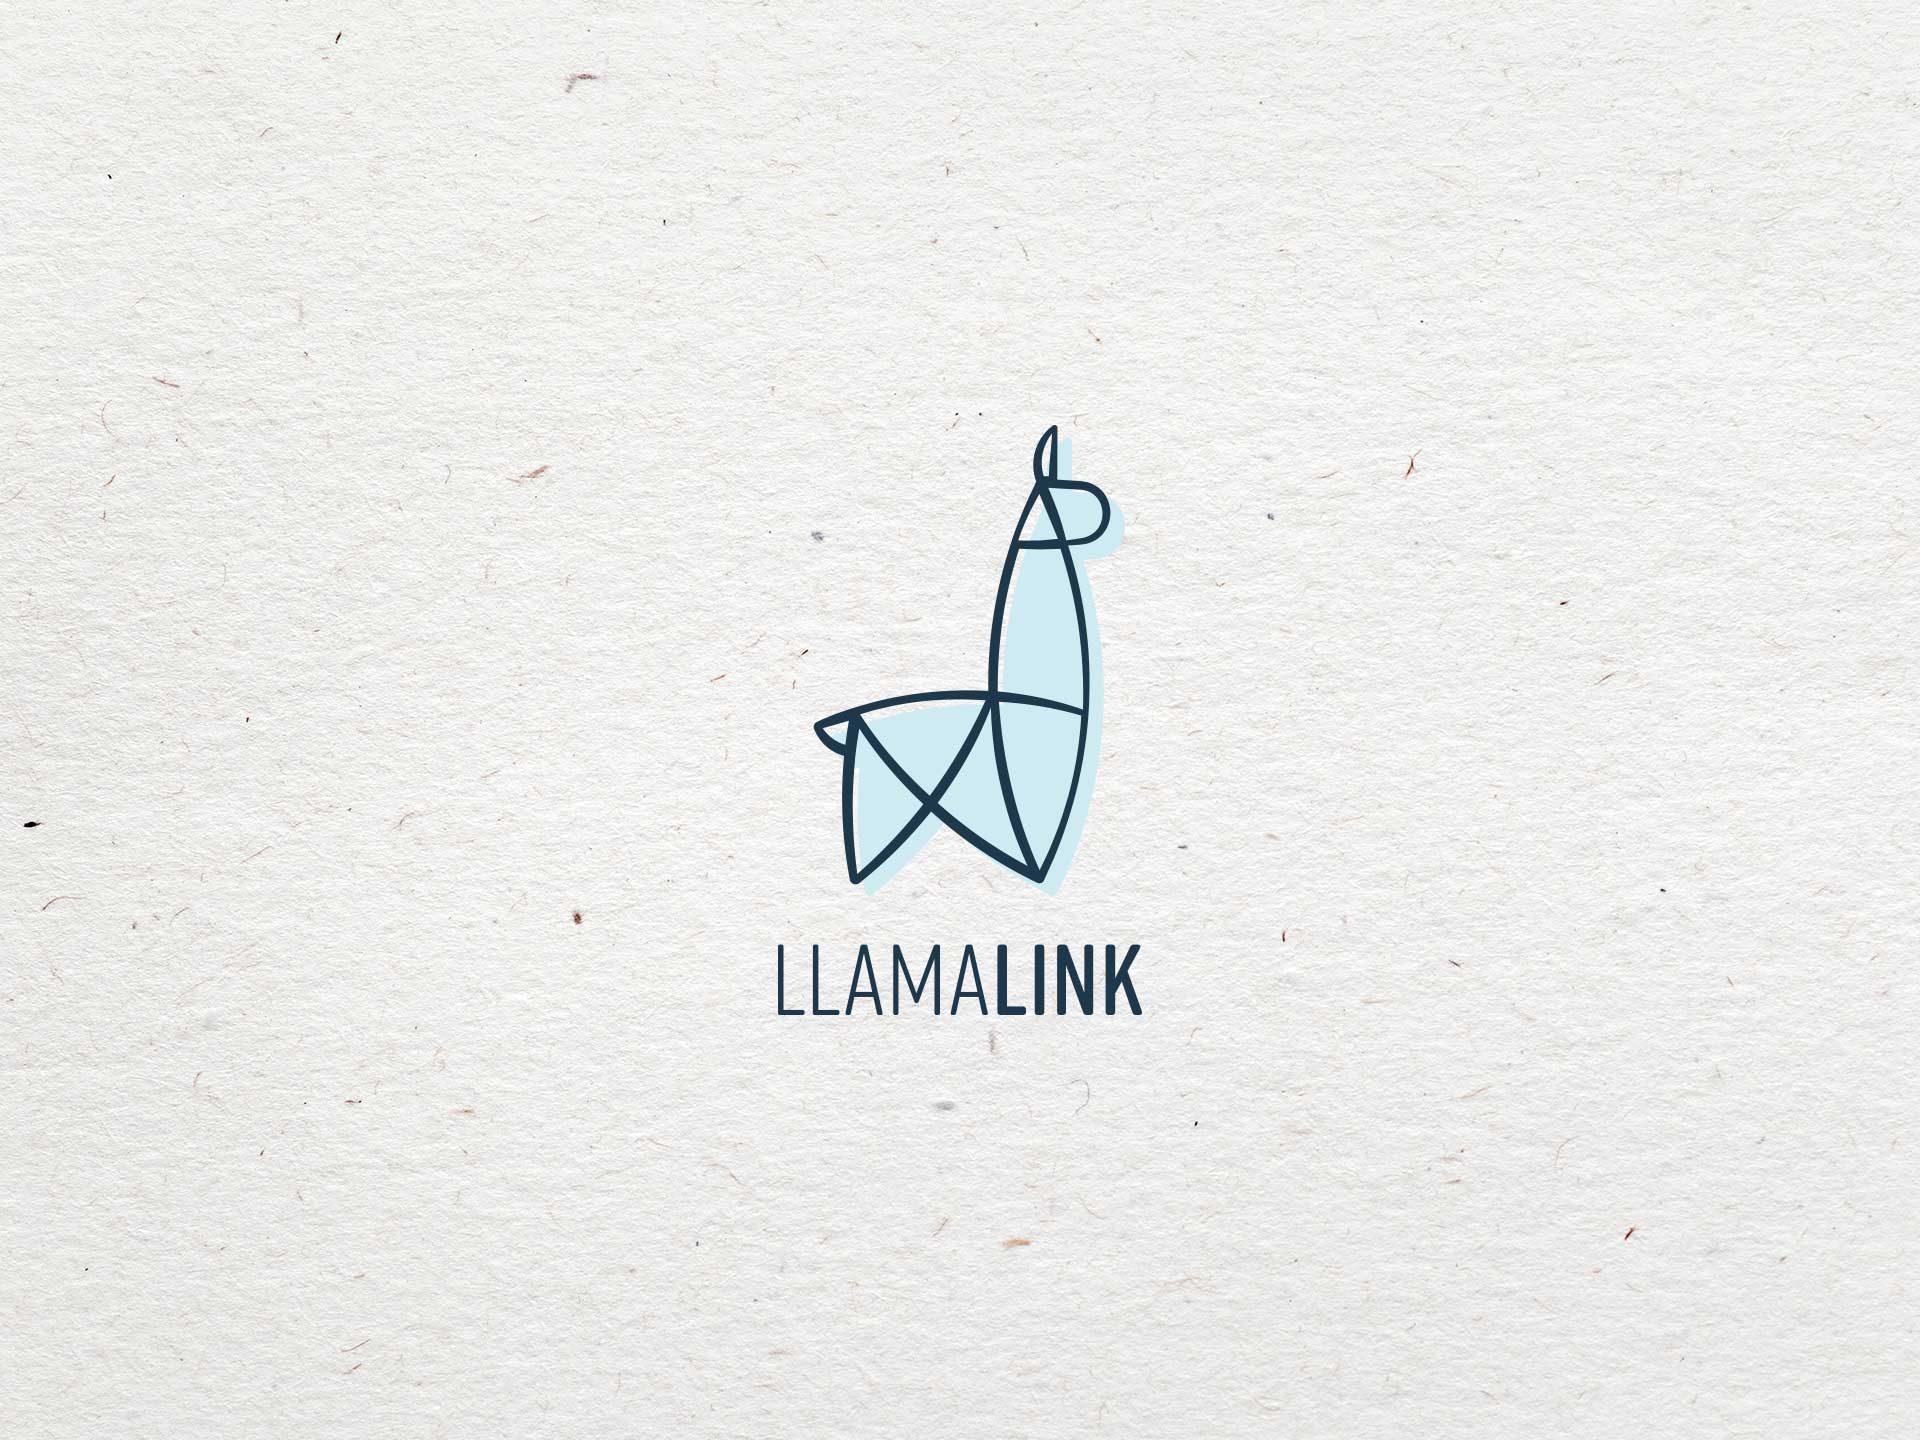 Y5 Creative Case Studies 2017 Logo LlamaLink